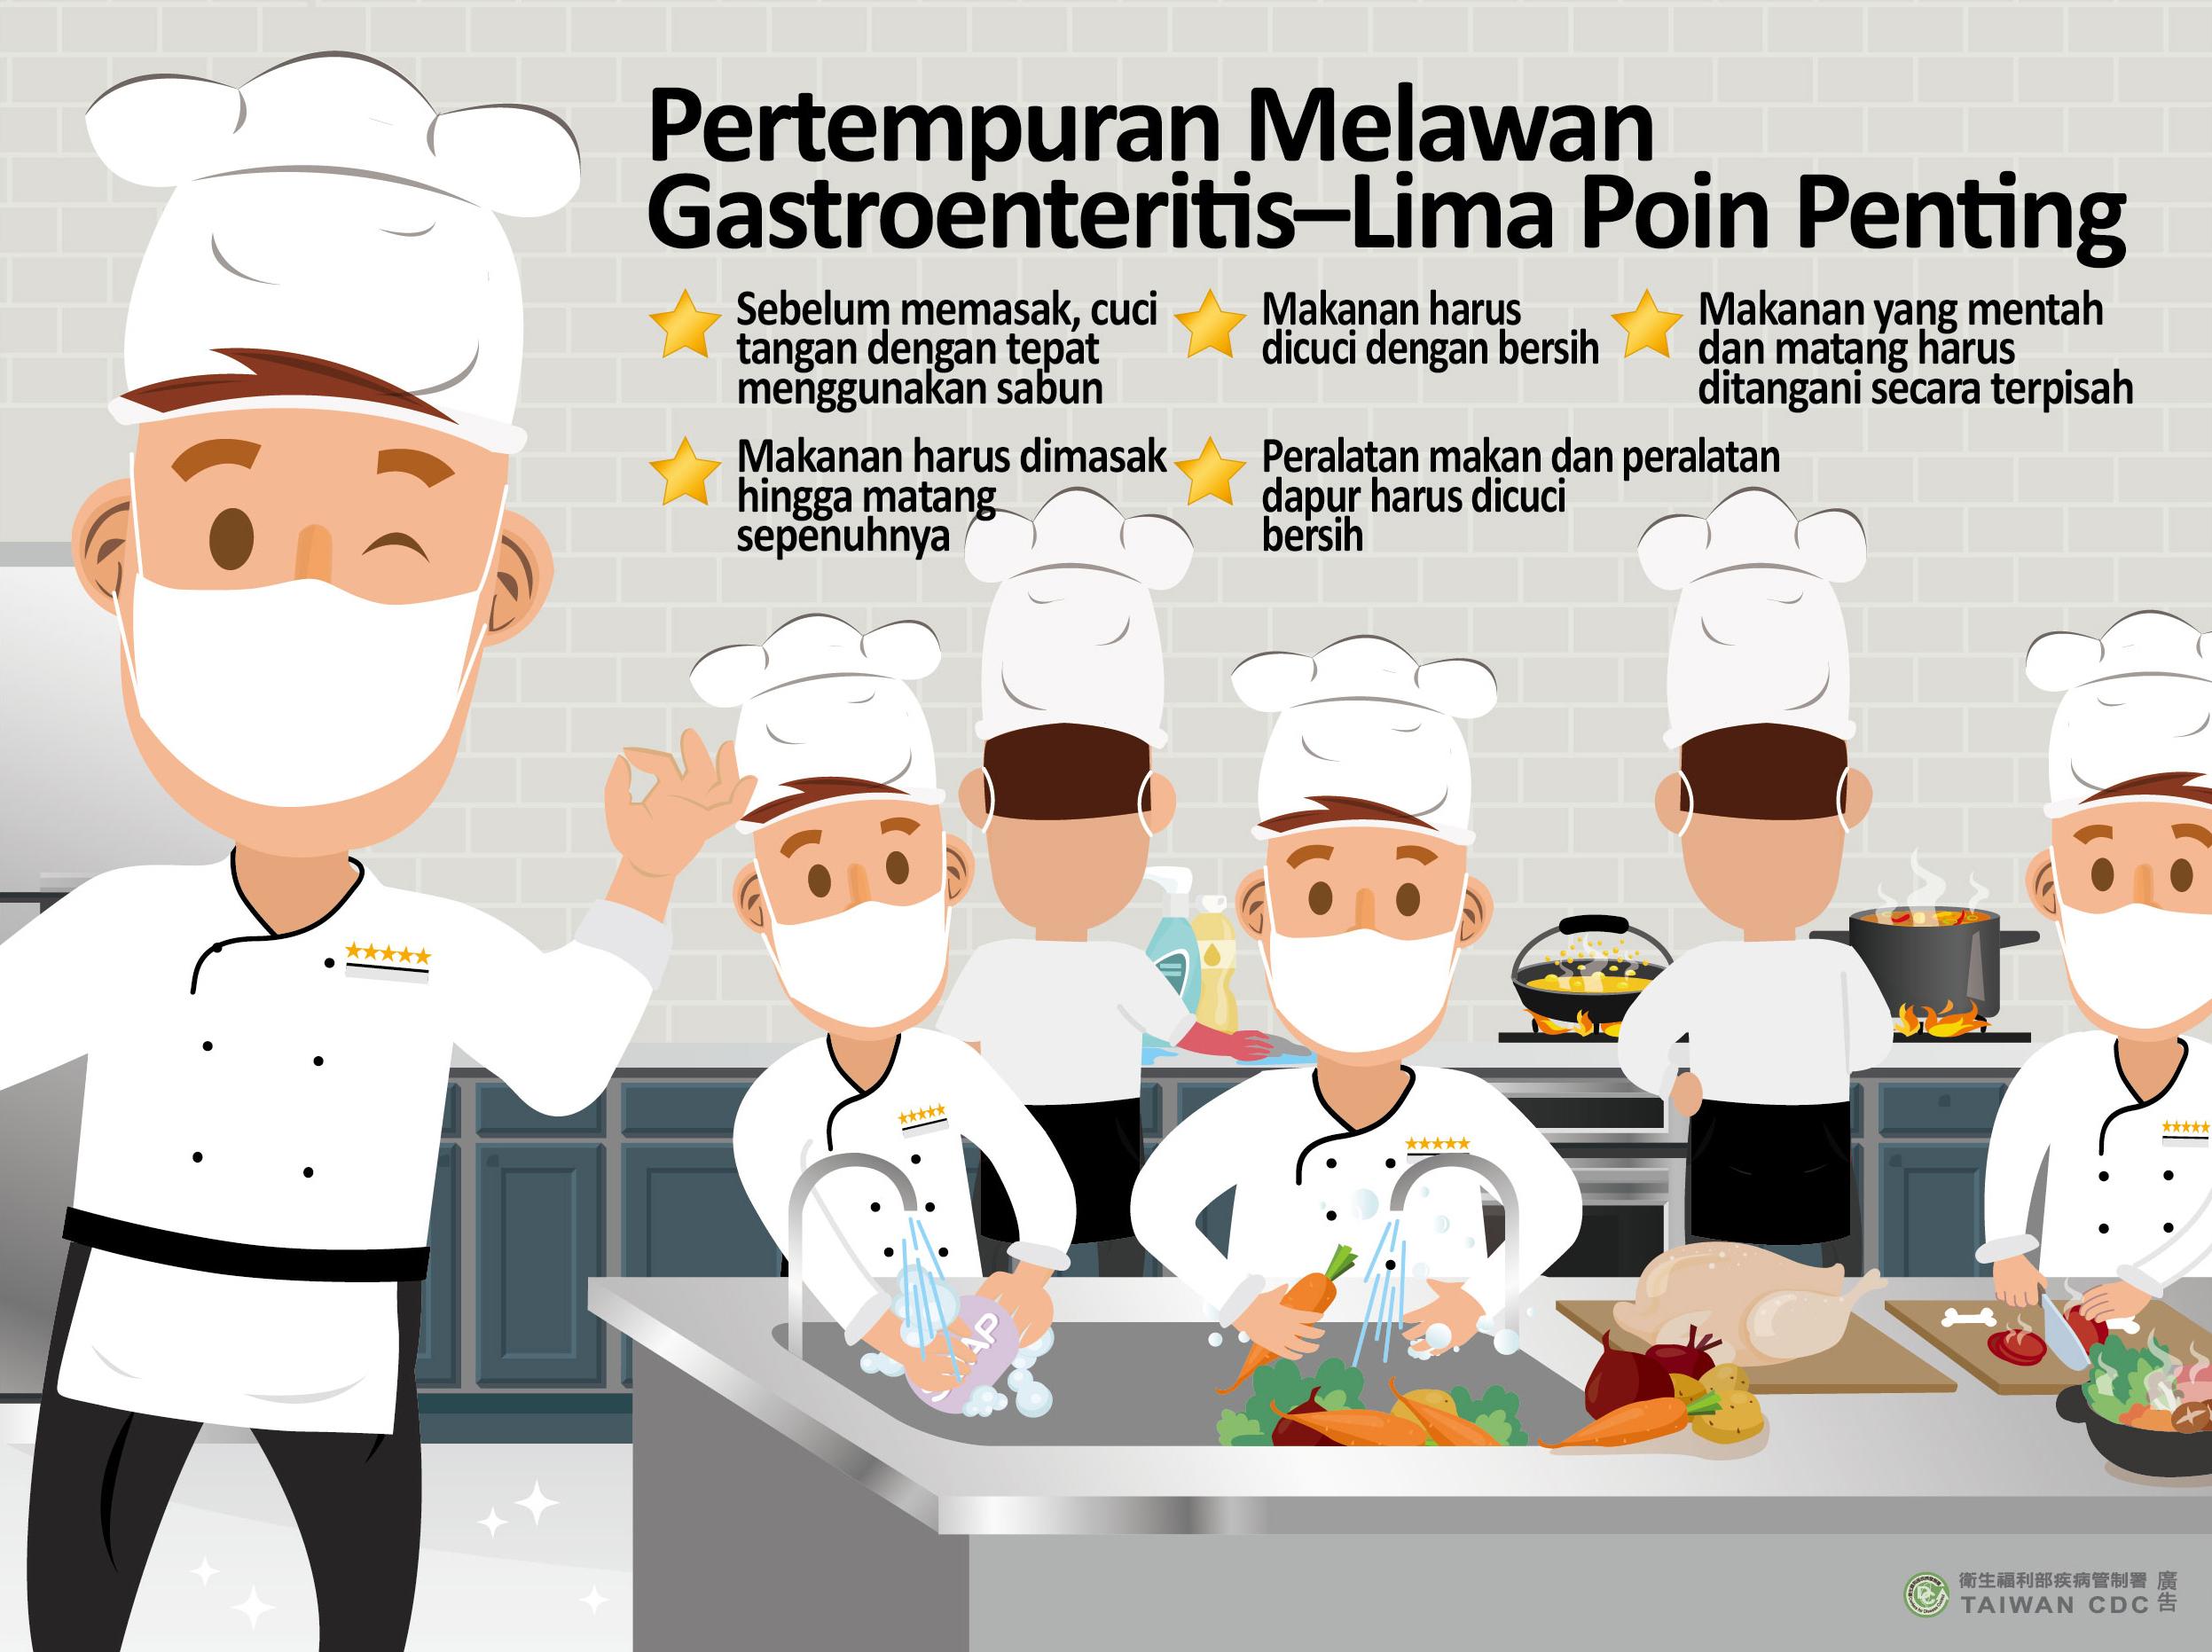 詳如附件【Klik】Pertempuran Melawan Gastroenteritis –Lima Poin Penting腸胃保衛戰 五星大評鑑(印尼文)